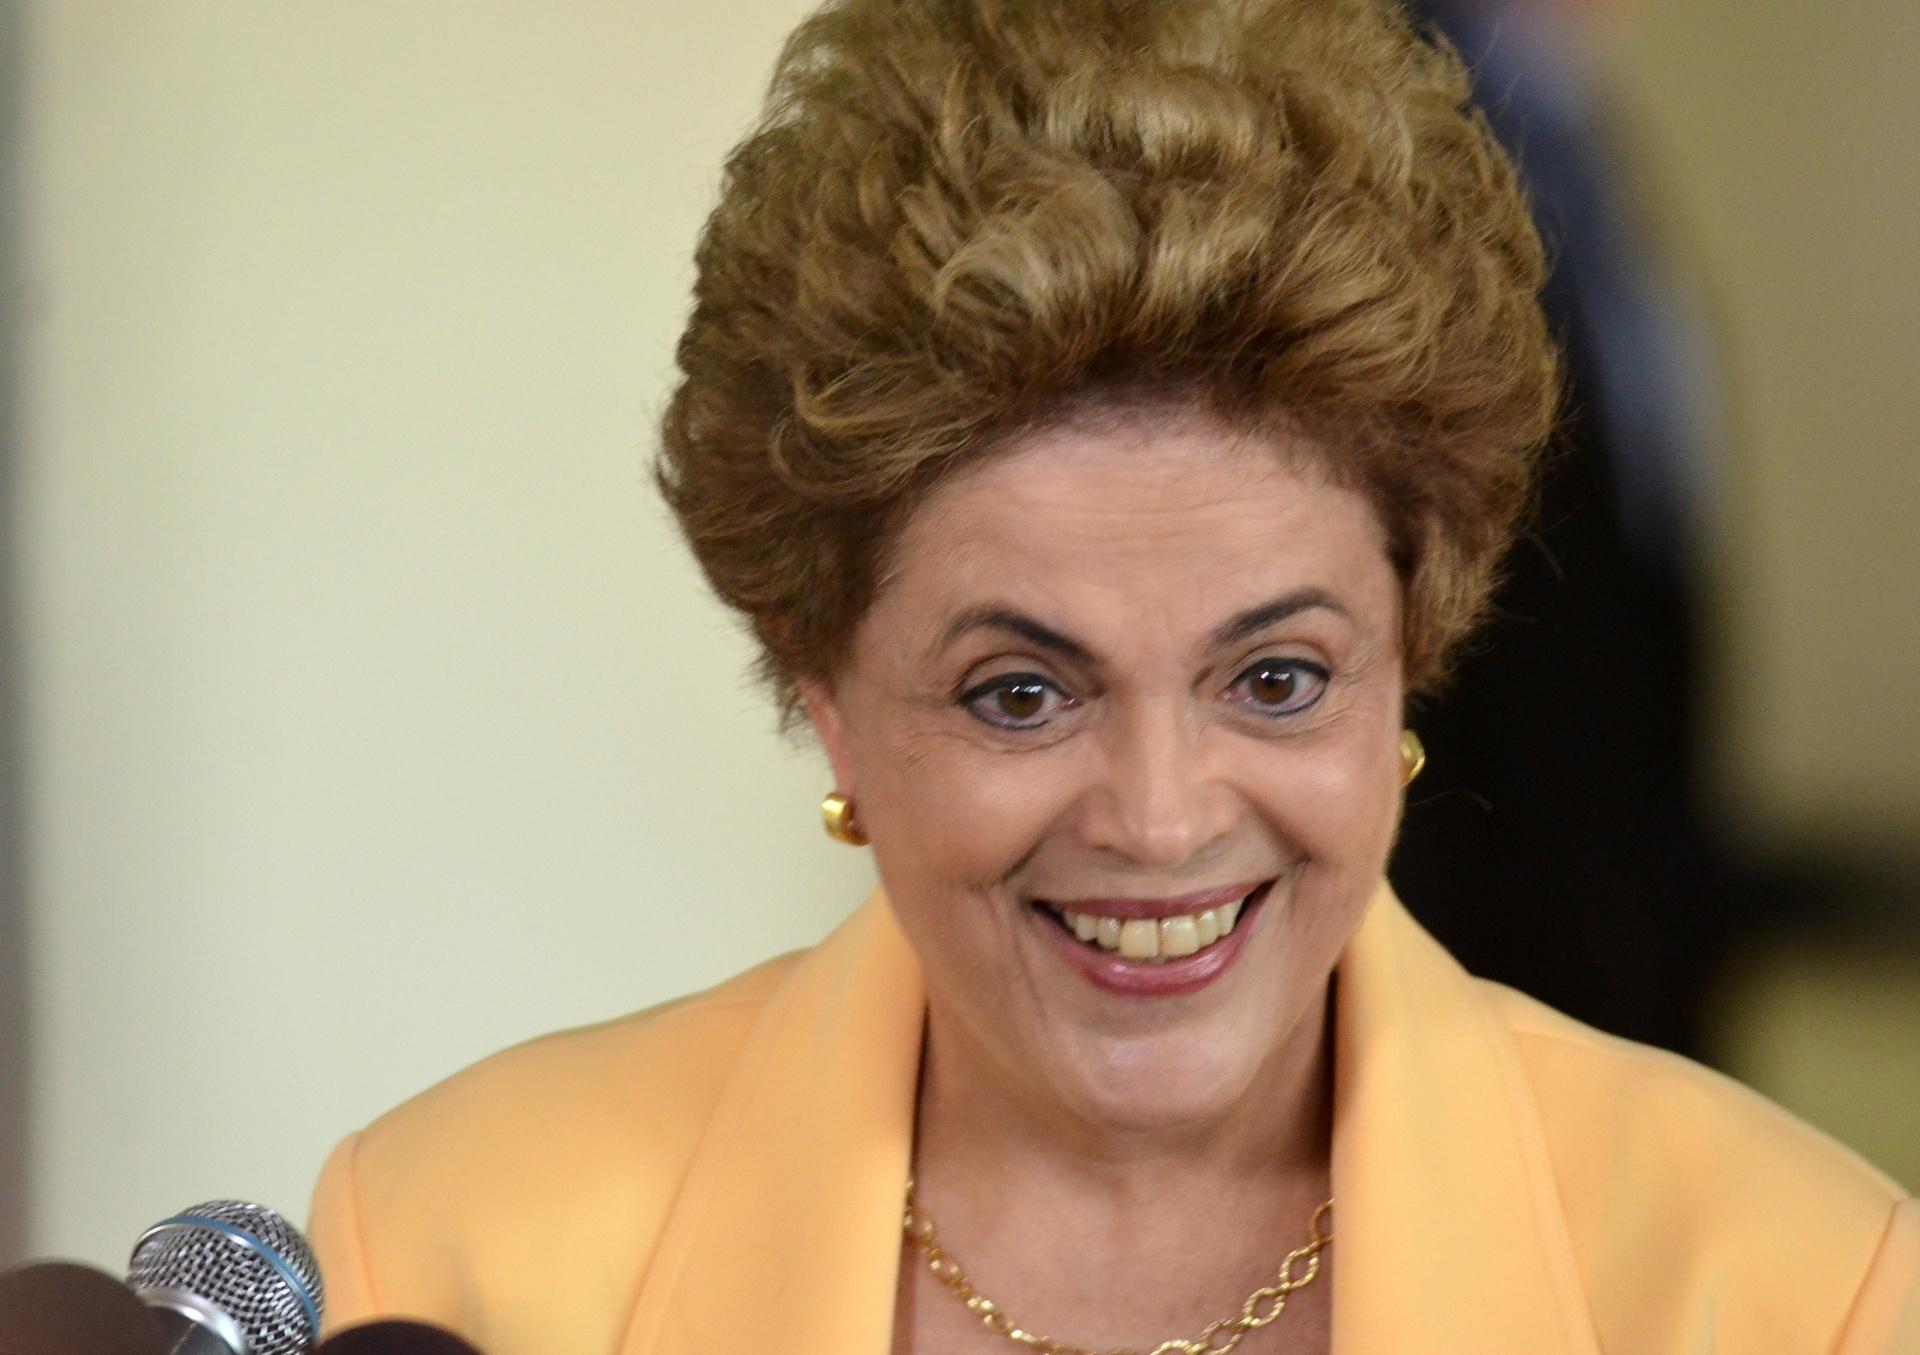 5.abr.2016 - Durante visita à base aérea de Brasília, a presidente Dilma Rousseff afirmou que não deve promover mudanças ministeriais antes da votação de seu processo de impeachment. Ela esteve no local para ver a aeronave KC-390 fabricada pela empresa brasileira Embraer em parceria com a Argentina, Portugal e República Tcheca.